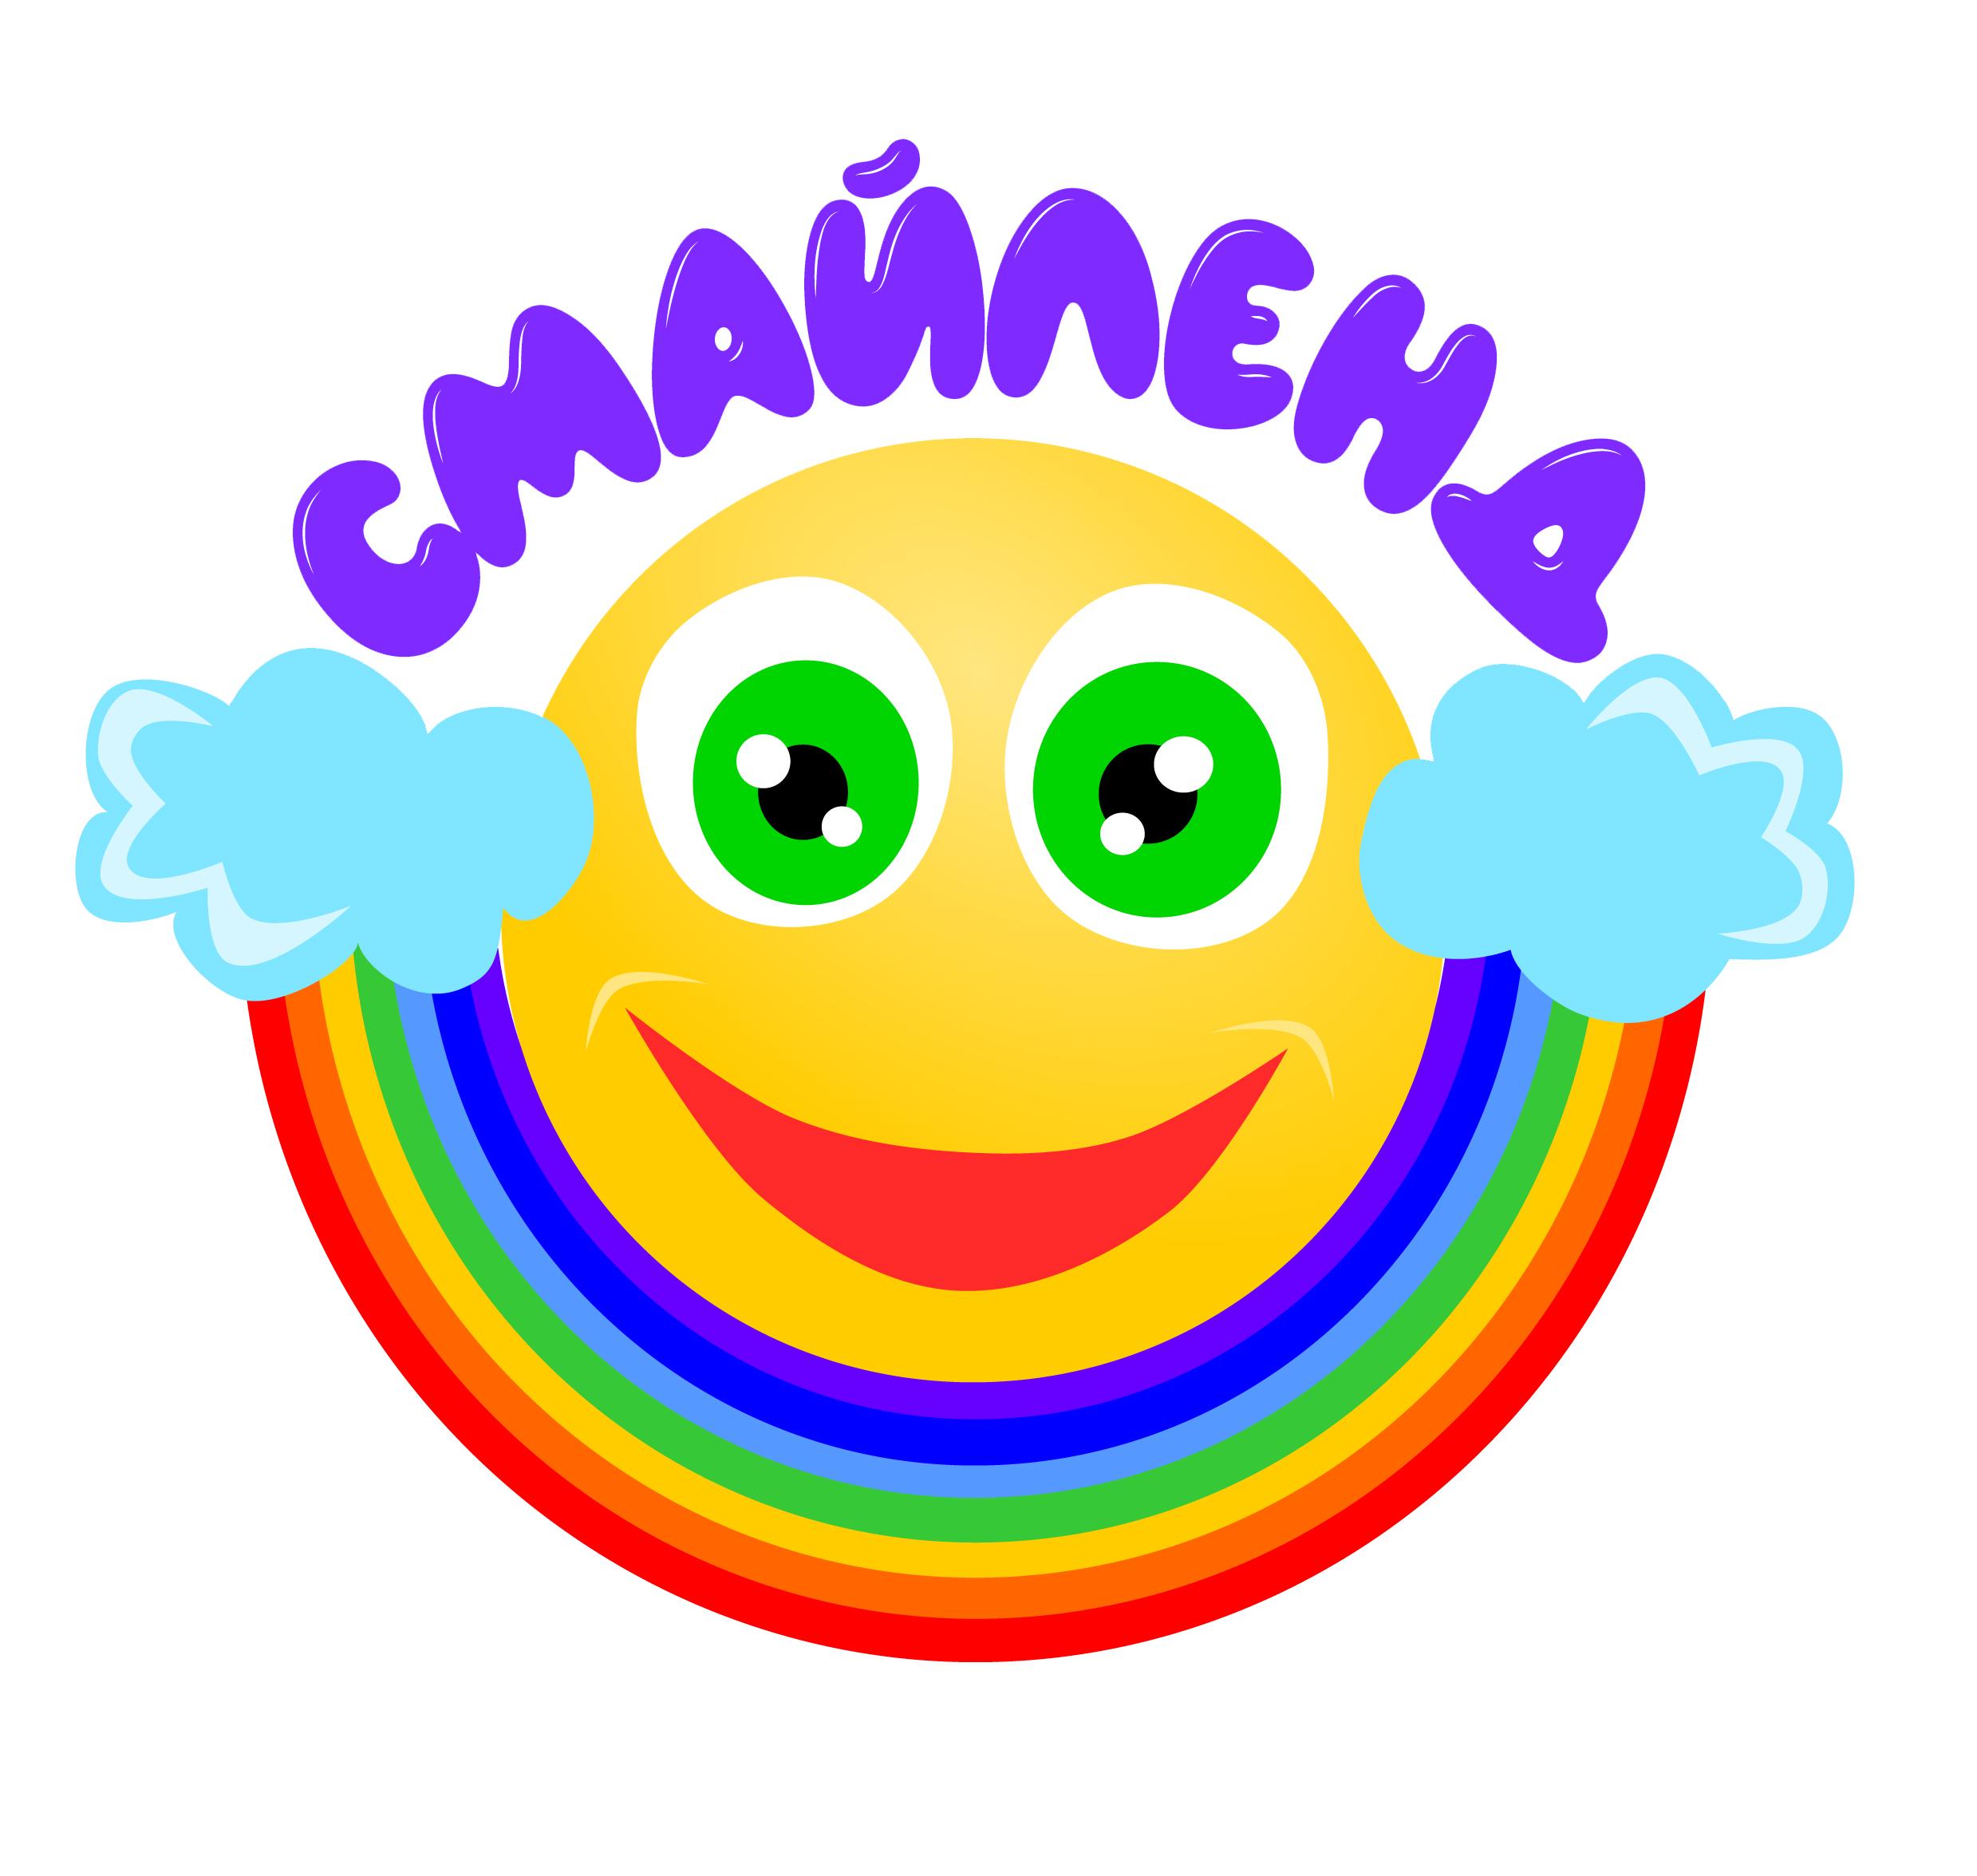 Логотип, стиль для детского игрового центра. фото f_1475a448f7a7a6e0.jpg